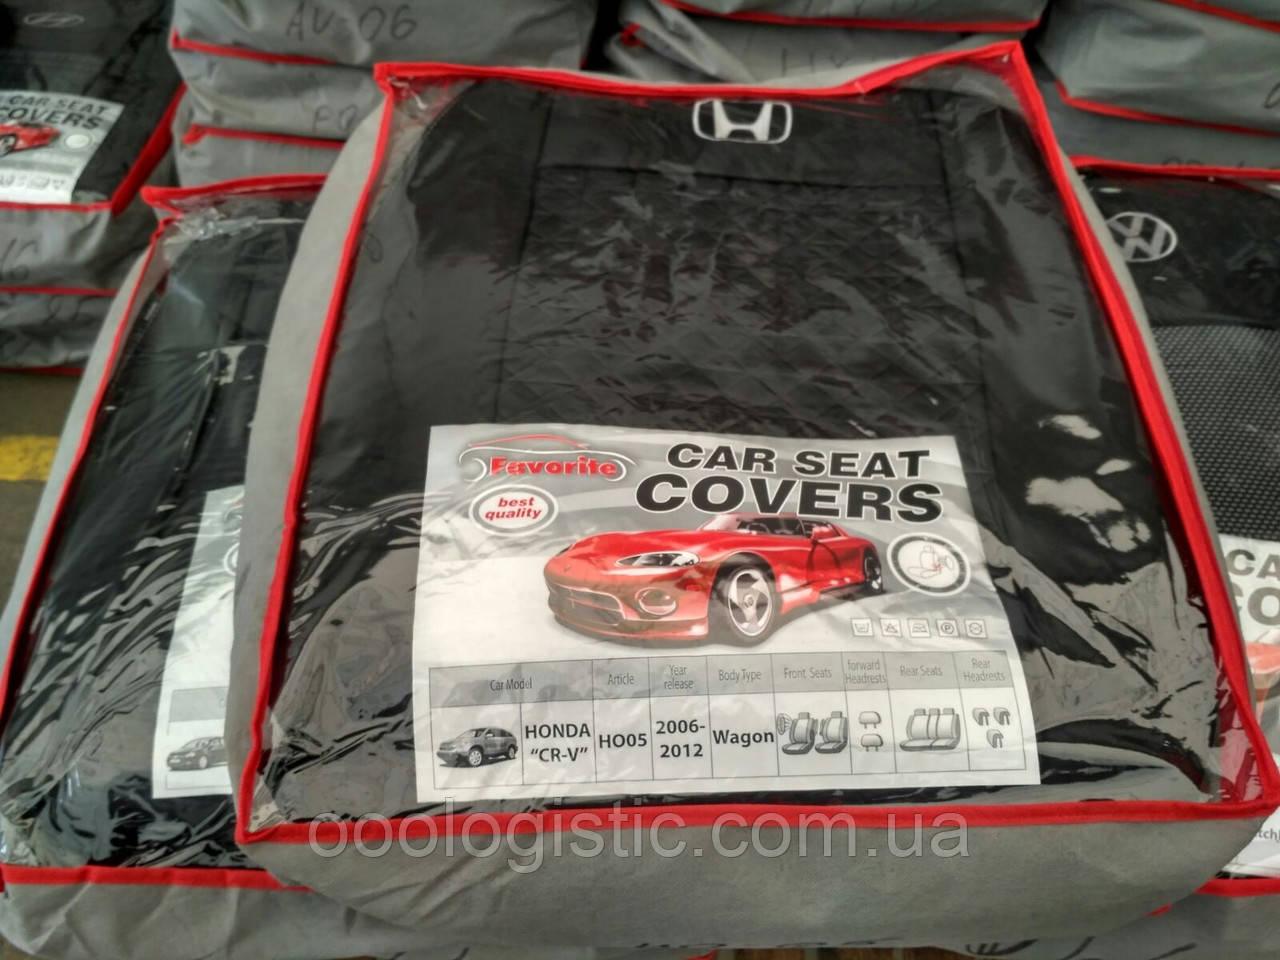 Авточехлы Favorite на Honda CR-V 2013> wagon,авточехлы Фаворит на Хонда CR-V от 2013 года вагон